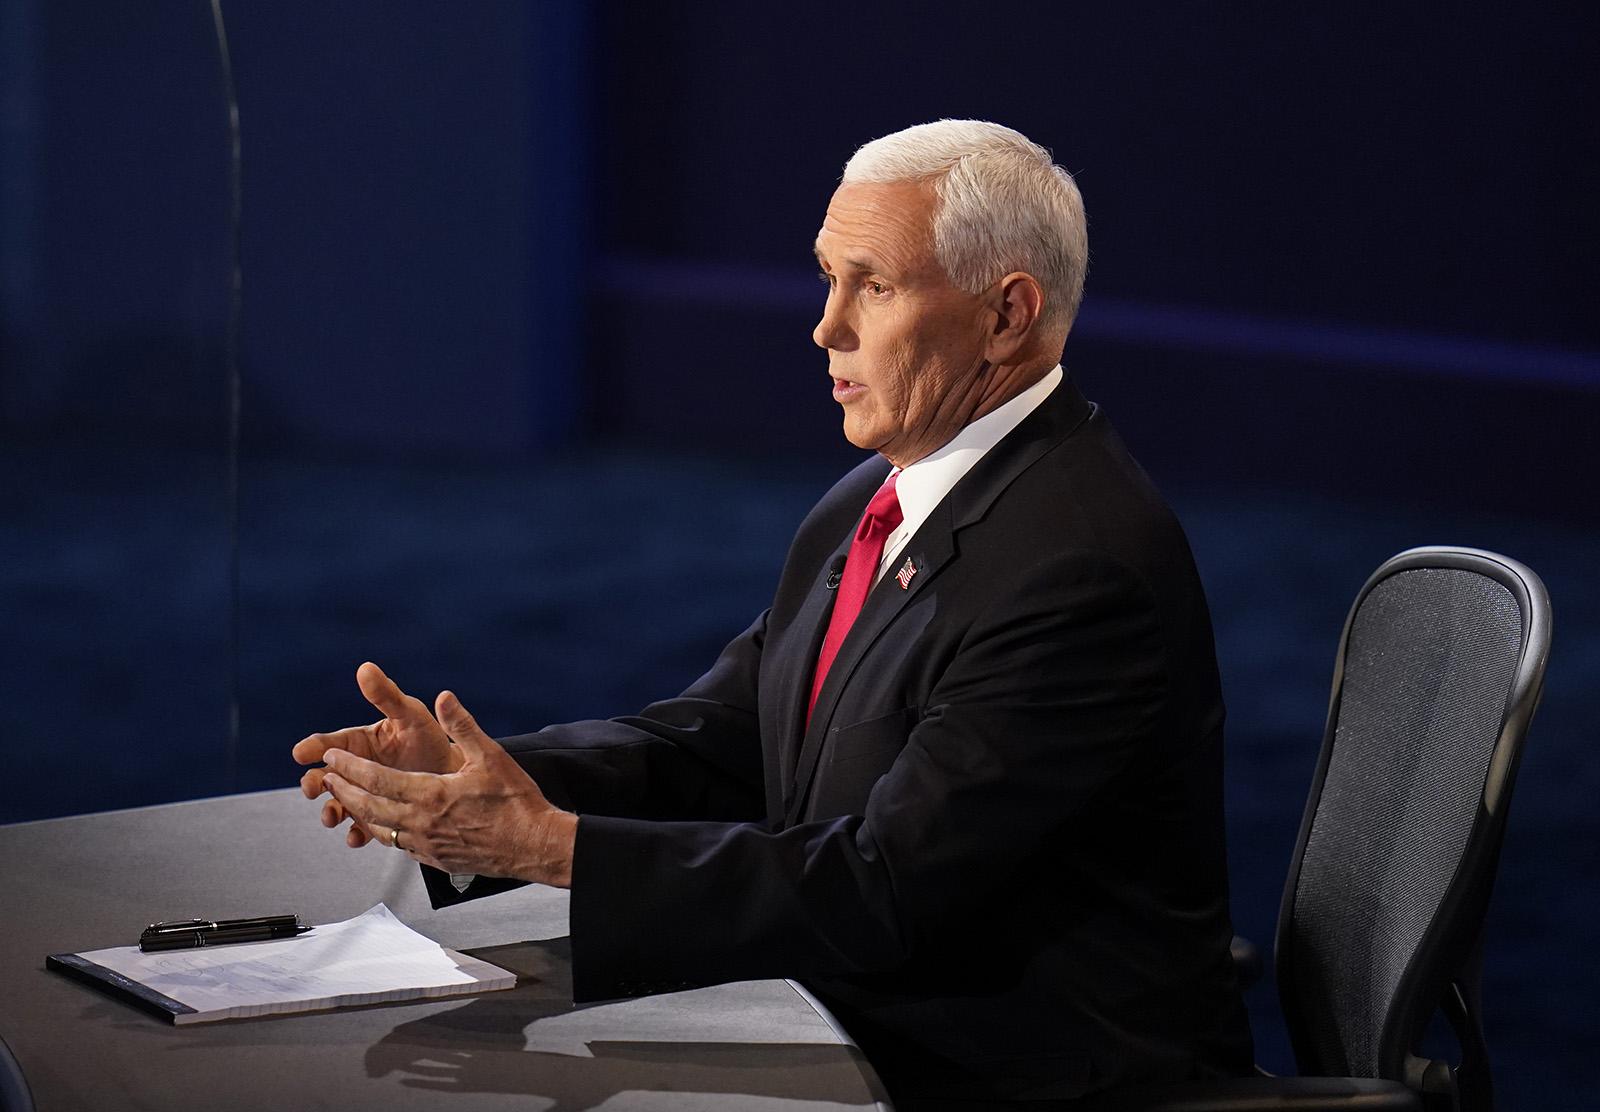 """Tranh luận phó tổng thống: Ông Mike Pence công kích, ám chỉ ông Joe Biden """"đạo ý tưởng"""" trong quá khứ - Ảnh 1"""